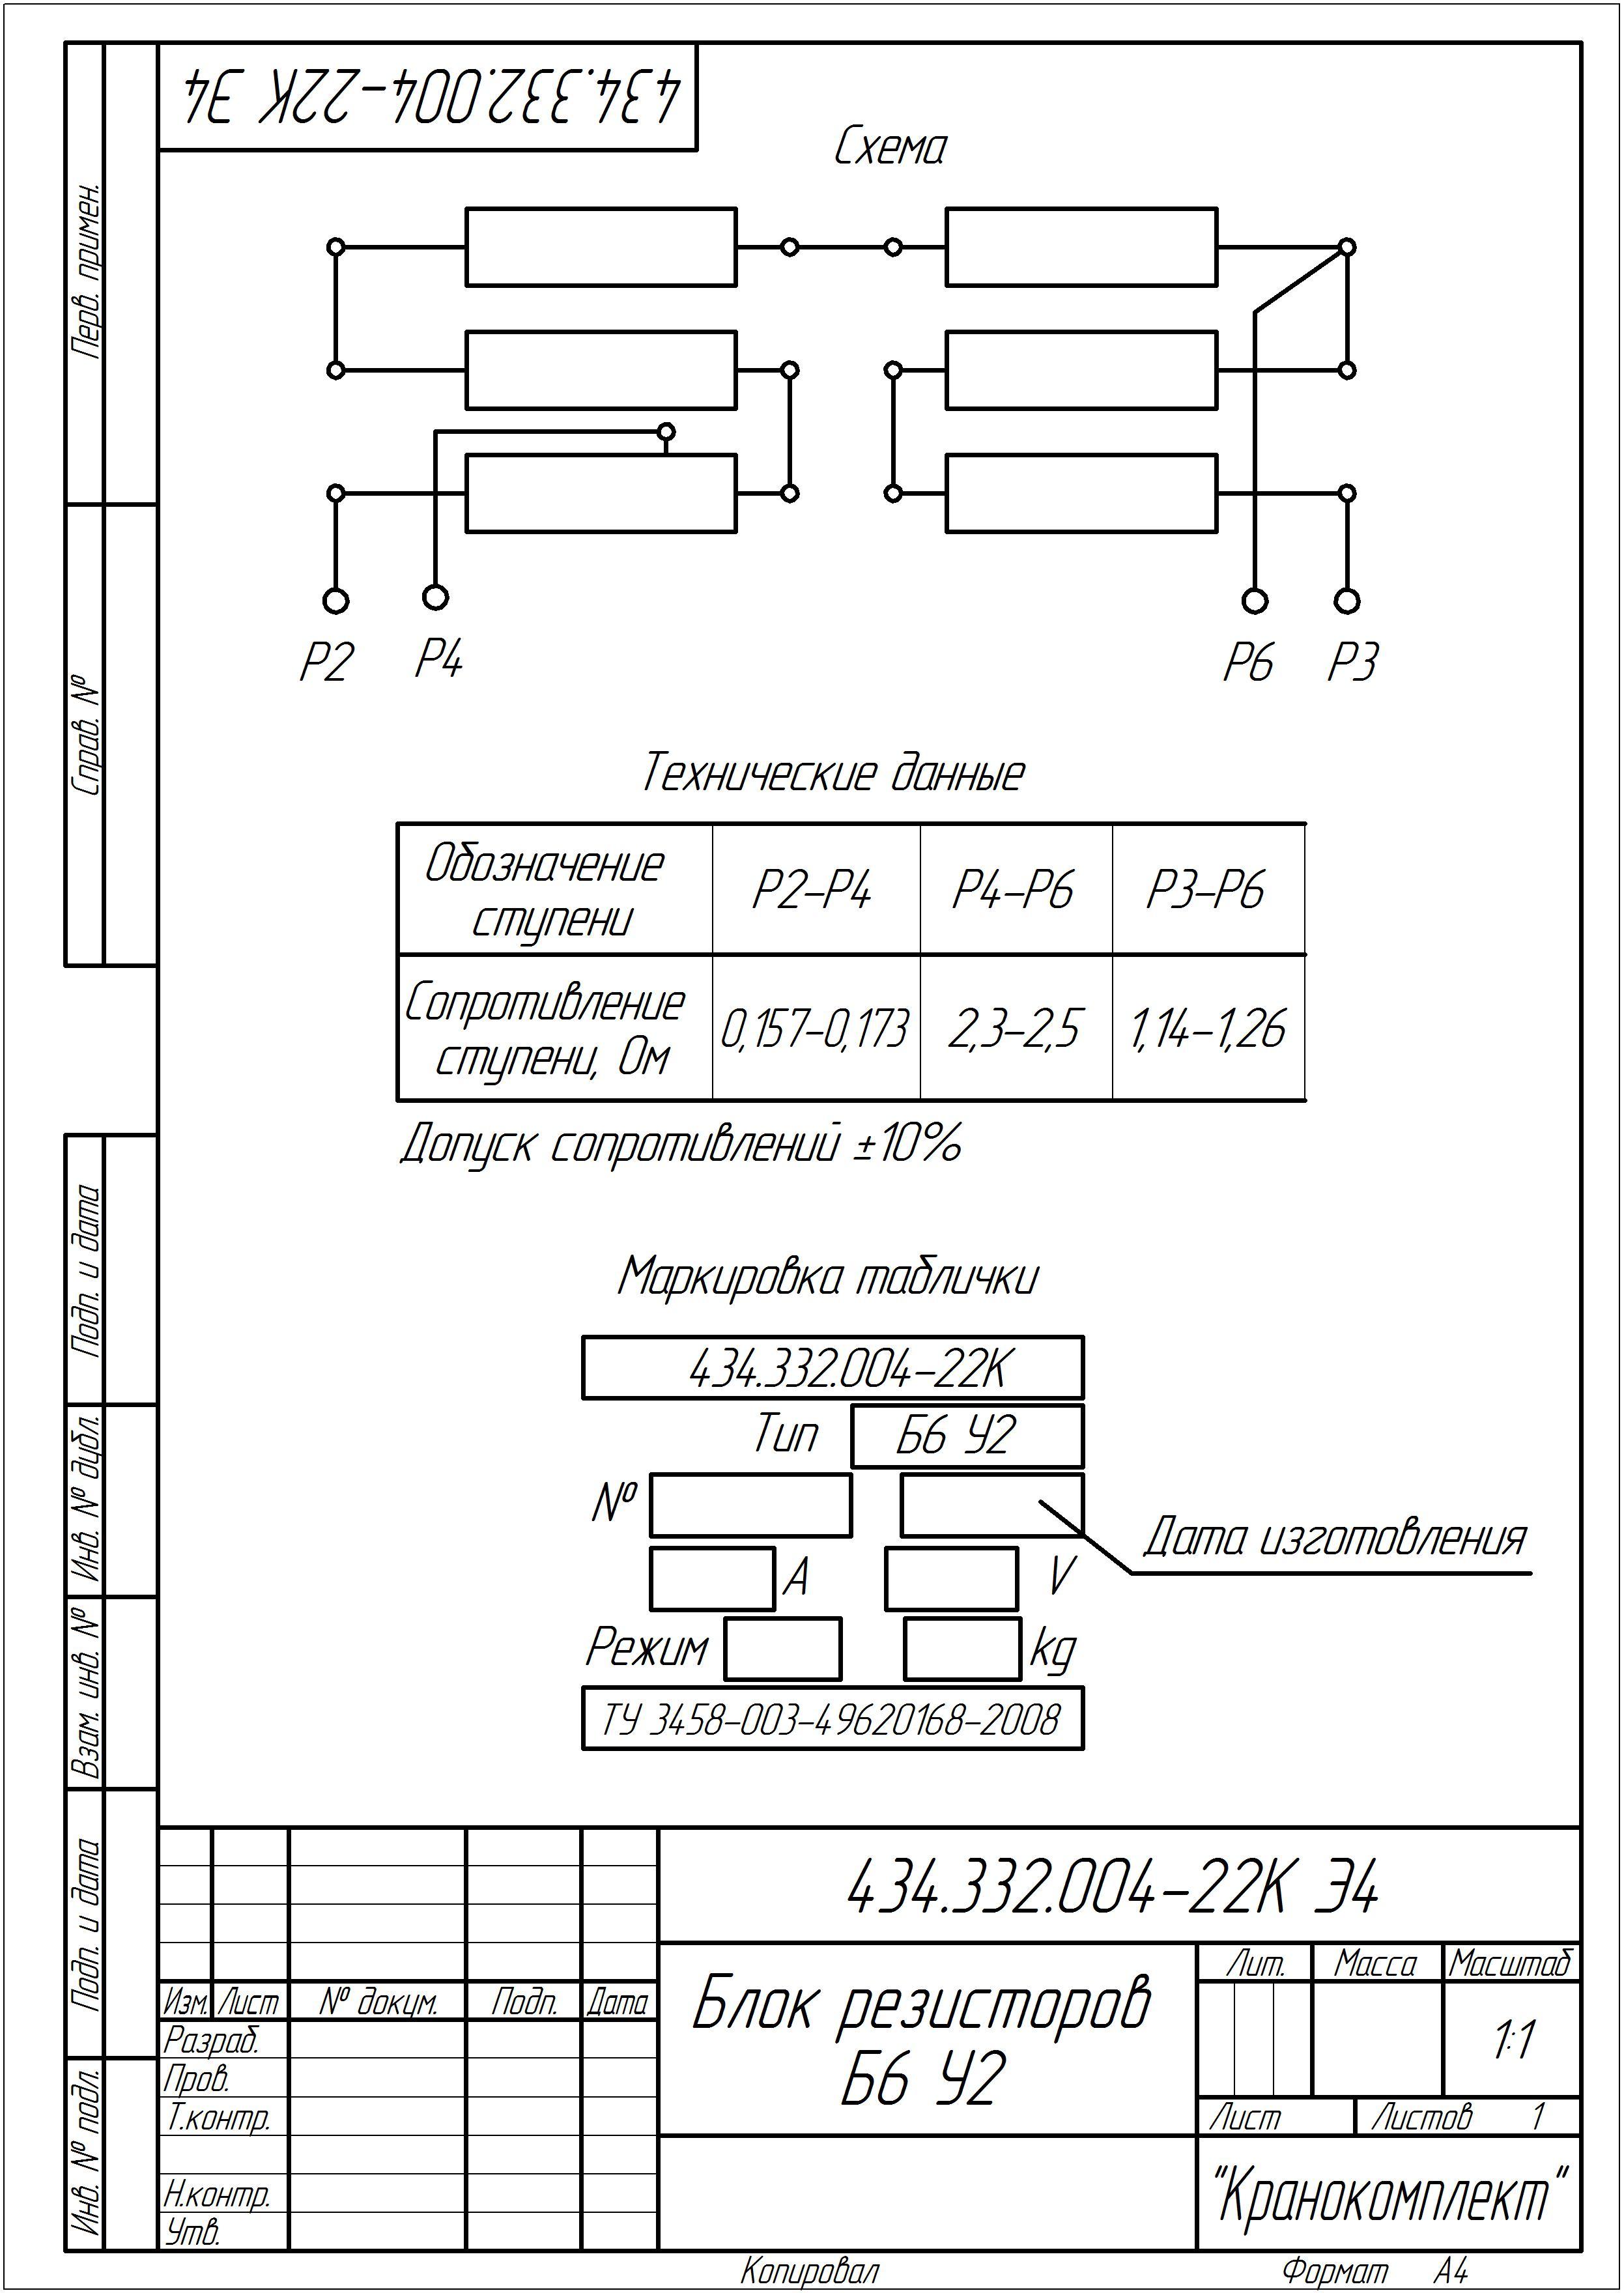 Блок резисторов Б6 У2 ИРАК 434.332.004-22